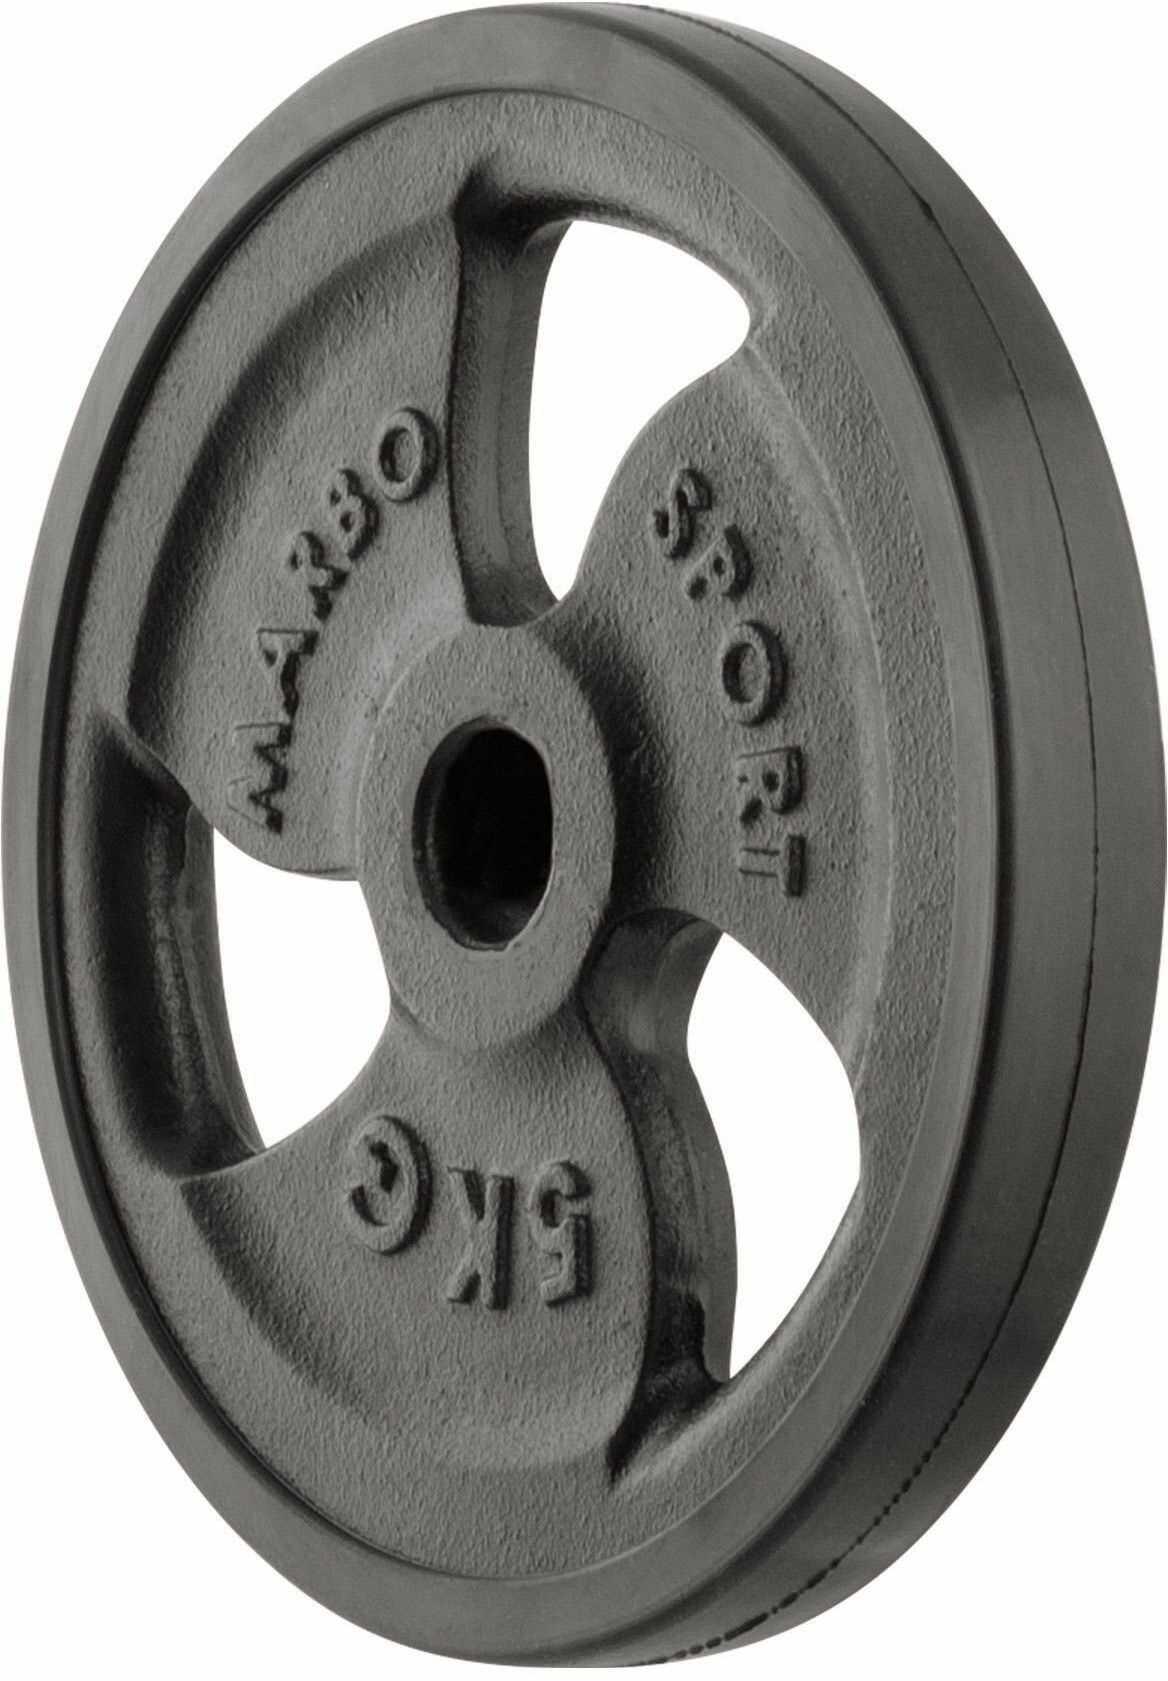 Obciążenie żeliwne gumowane 5 kg MW-O5G-kier - Marbo Sport